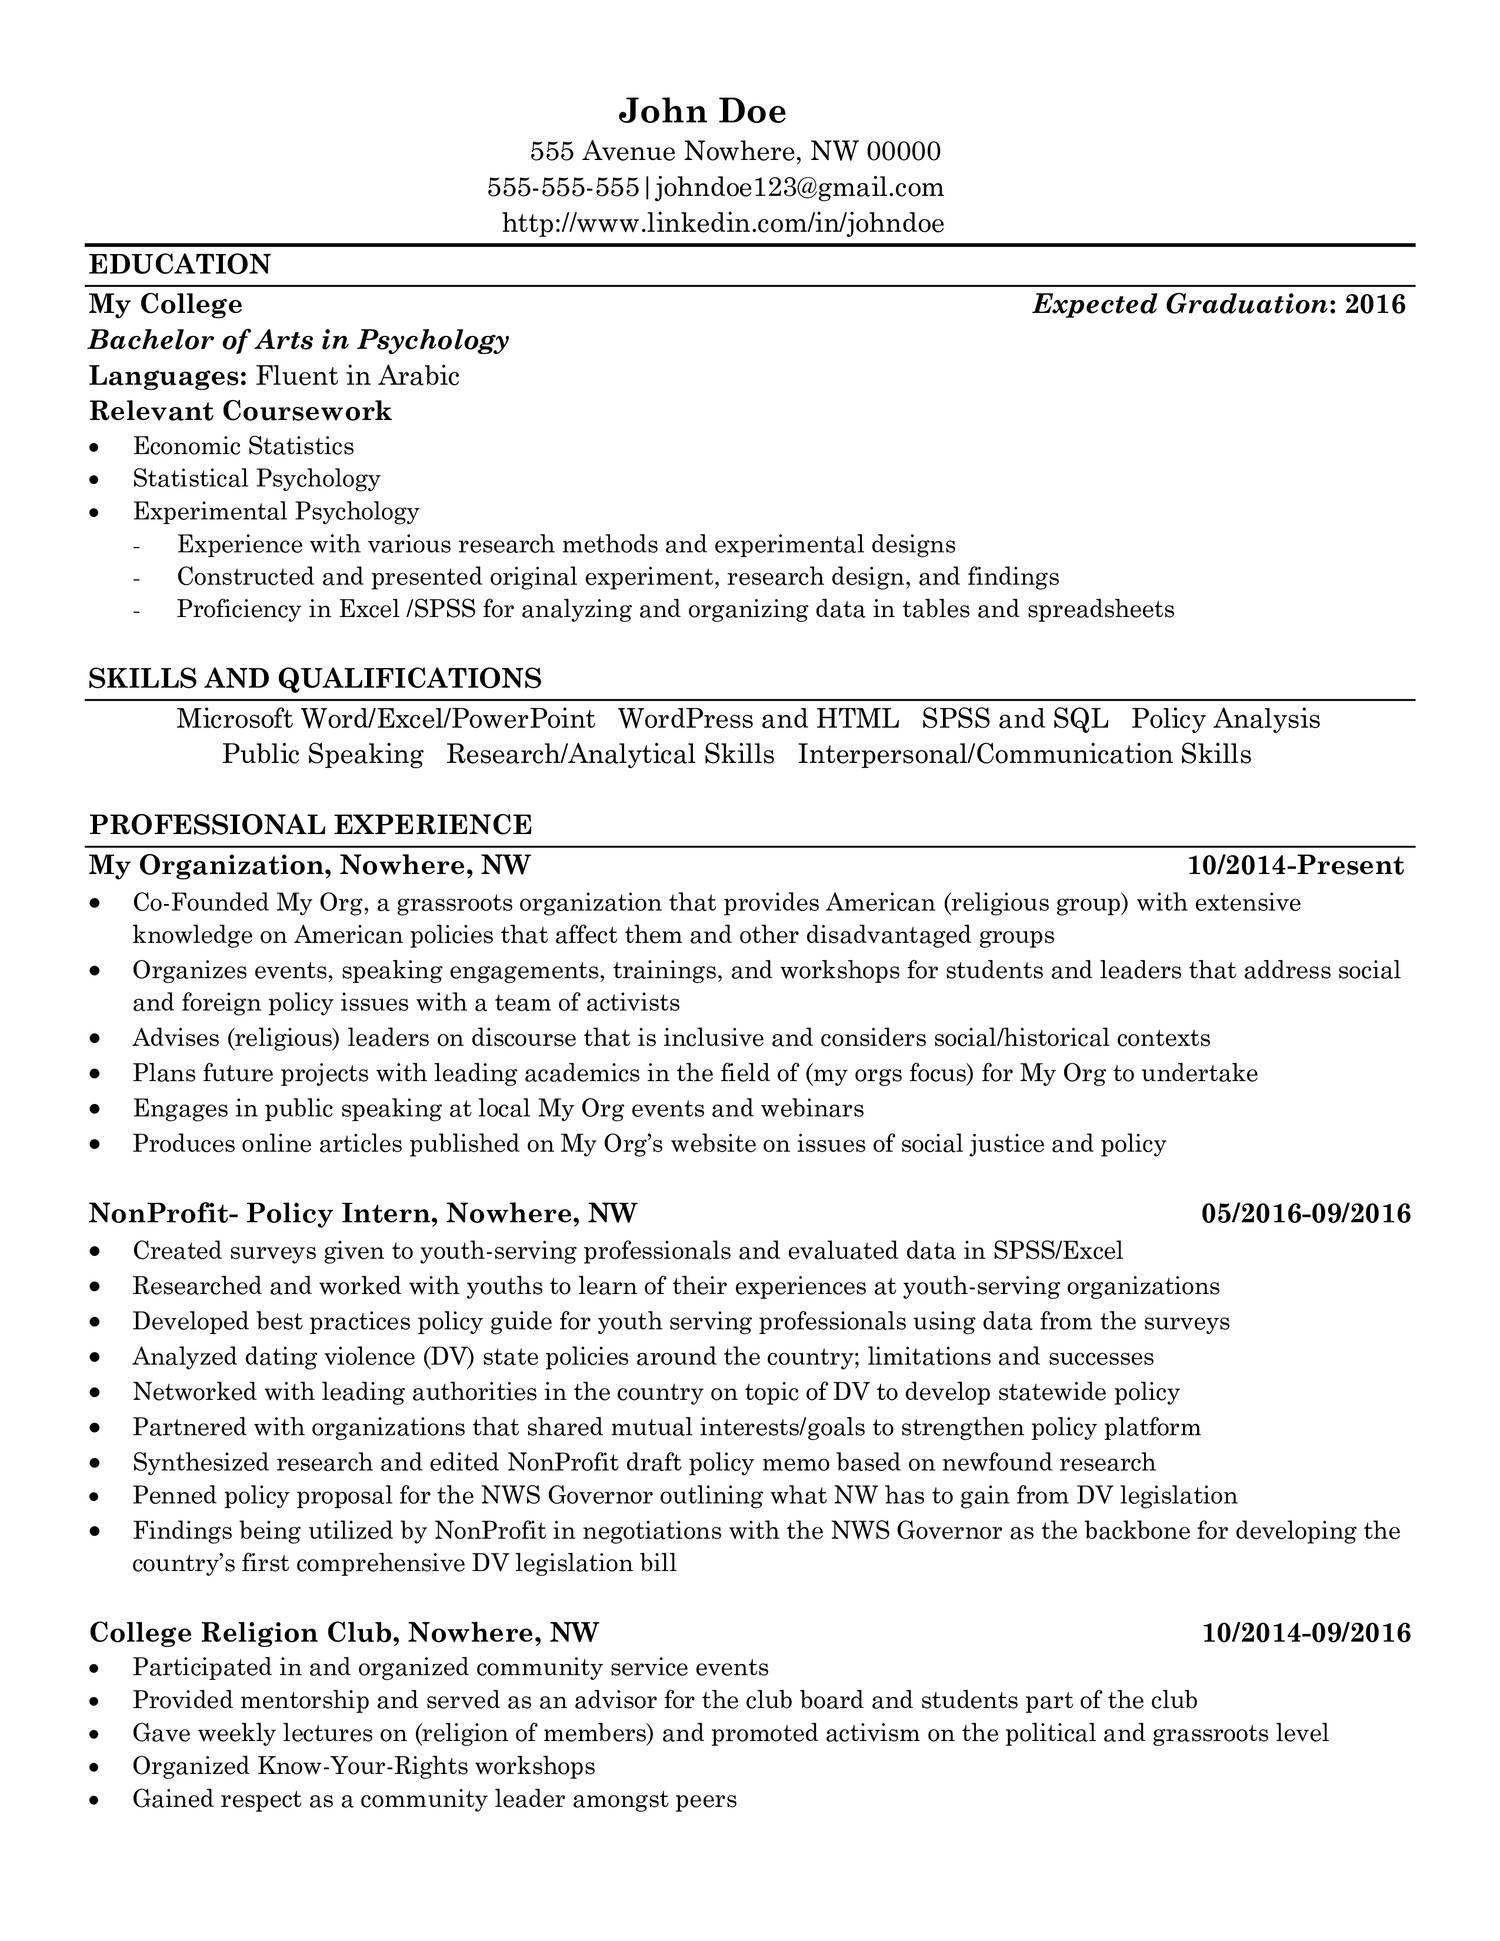 John Doe Resume For Reddit Pdf Docdroid